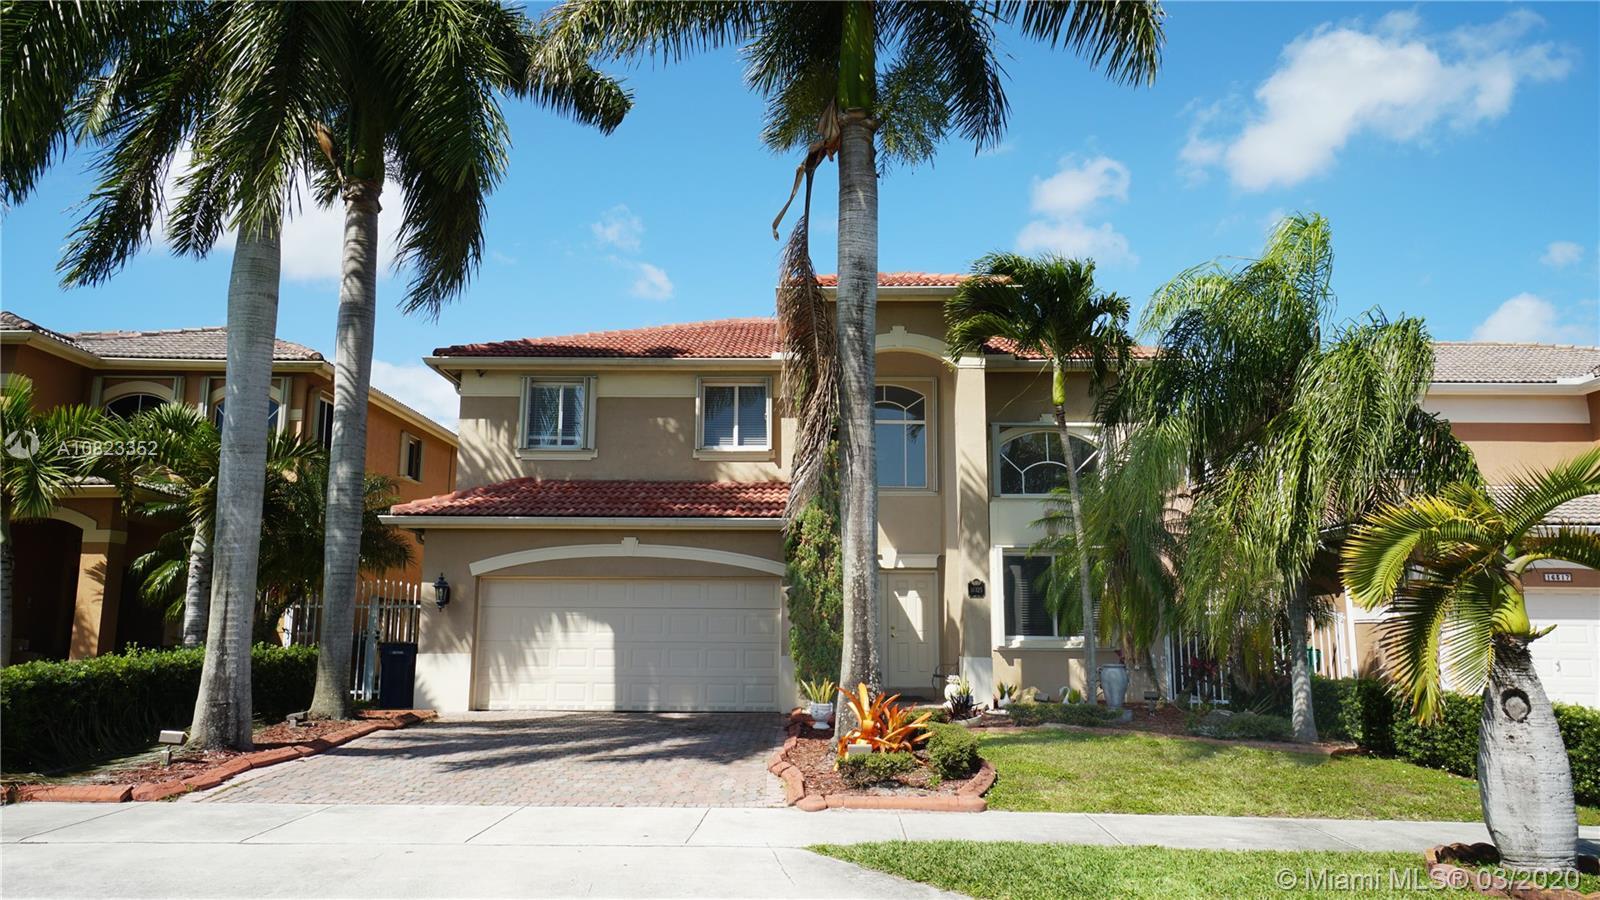 16325 SW 70th St, Miami, FL 33193